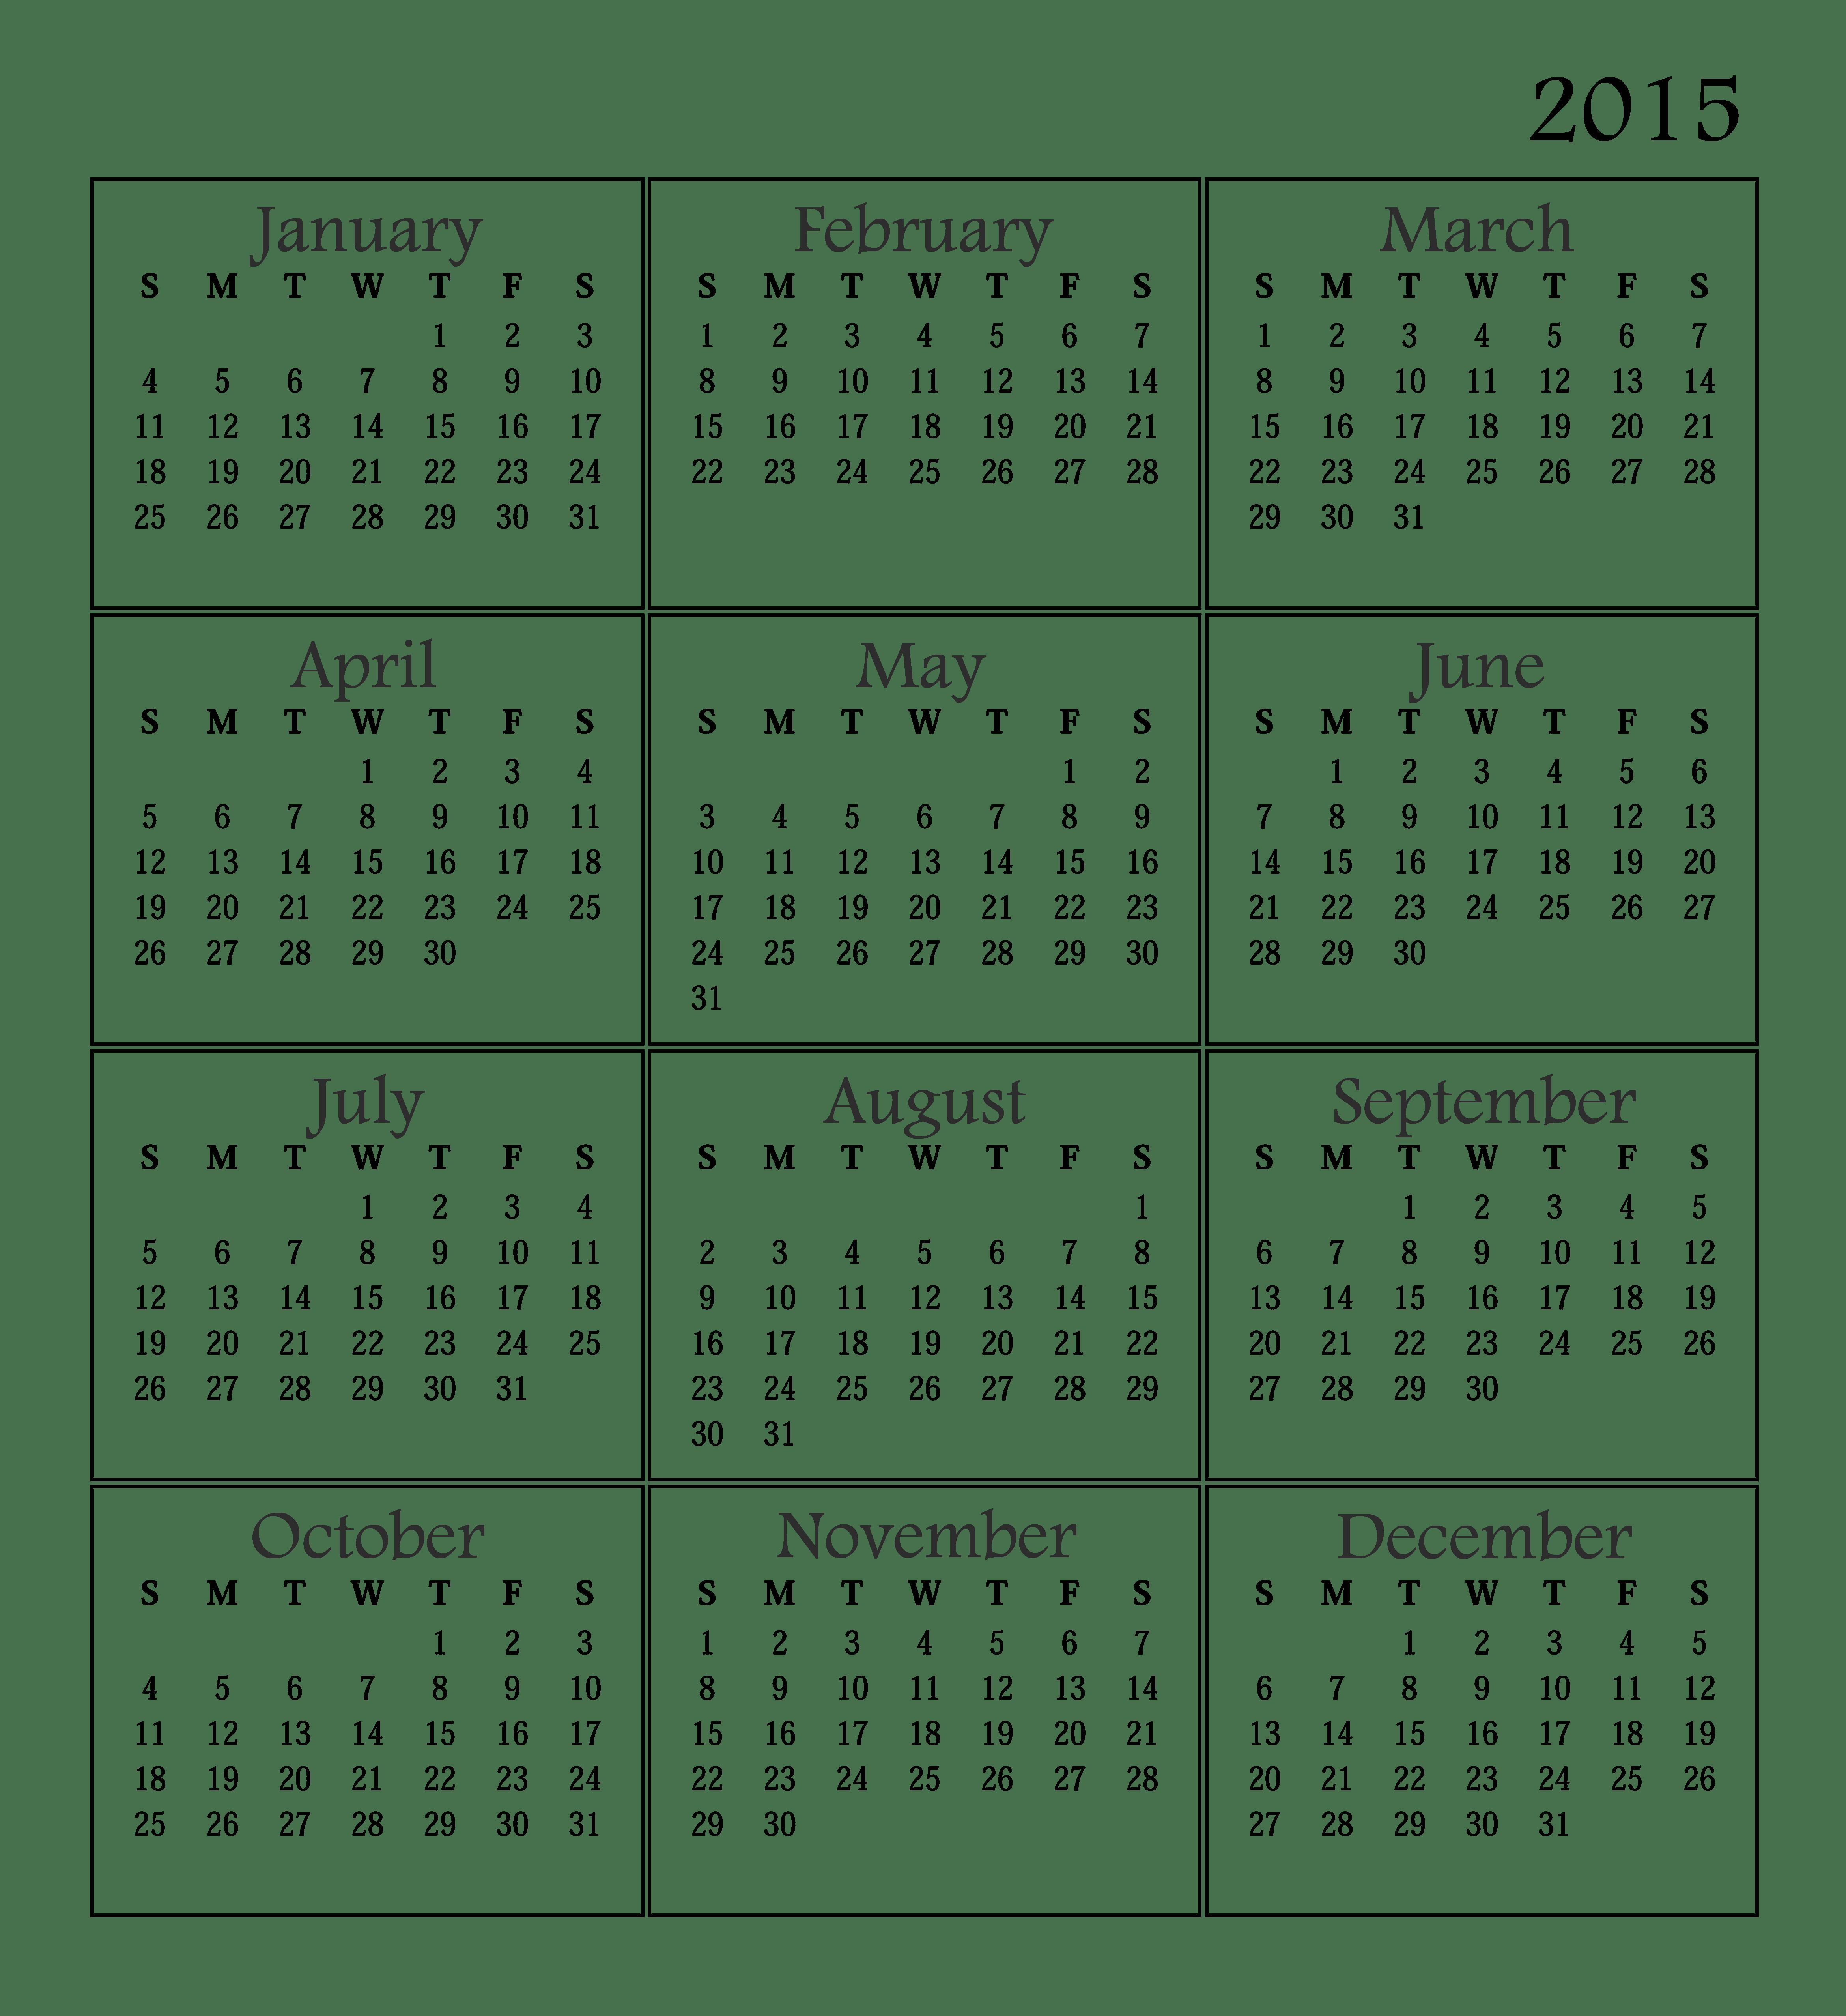 November 2015 calendar clipart png transparent download January | 2015 | Find Calendar png transparent download